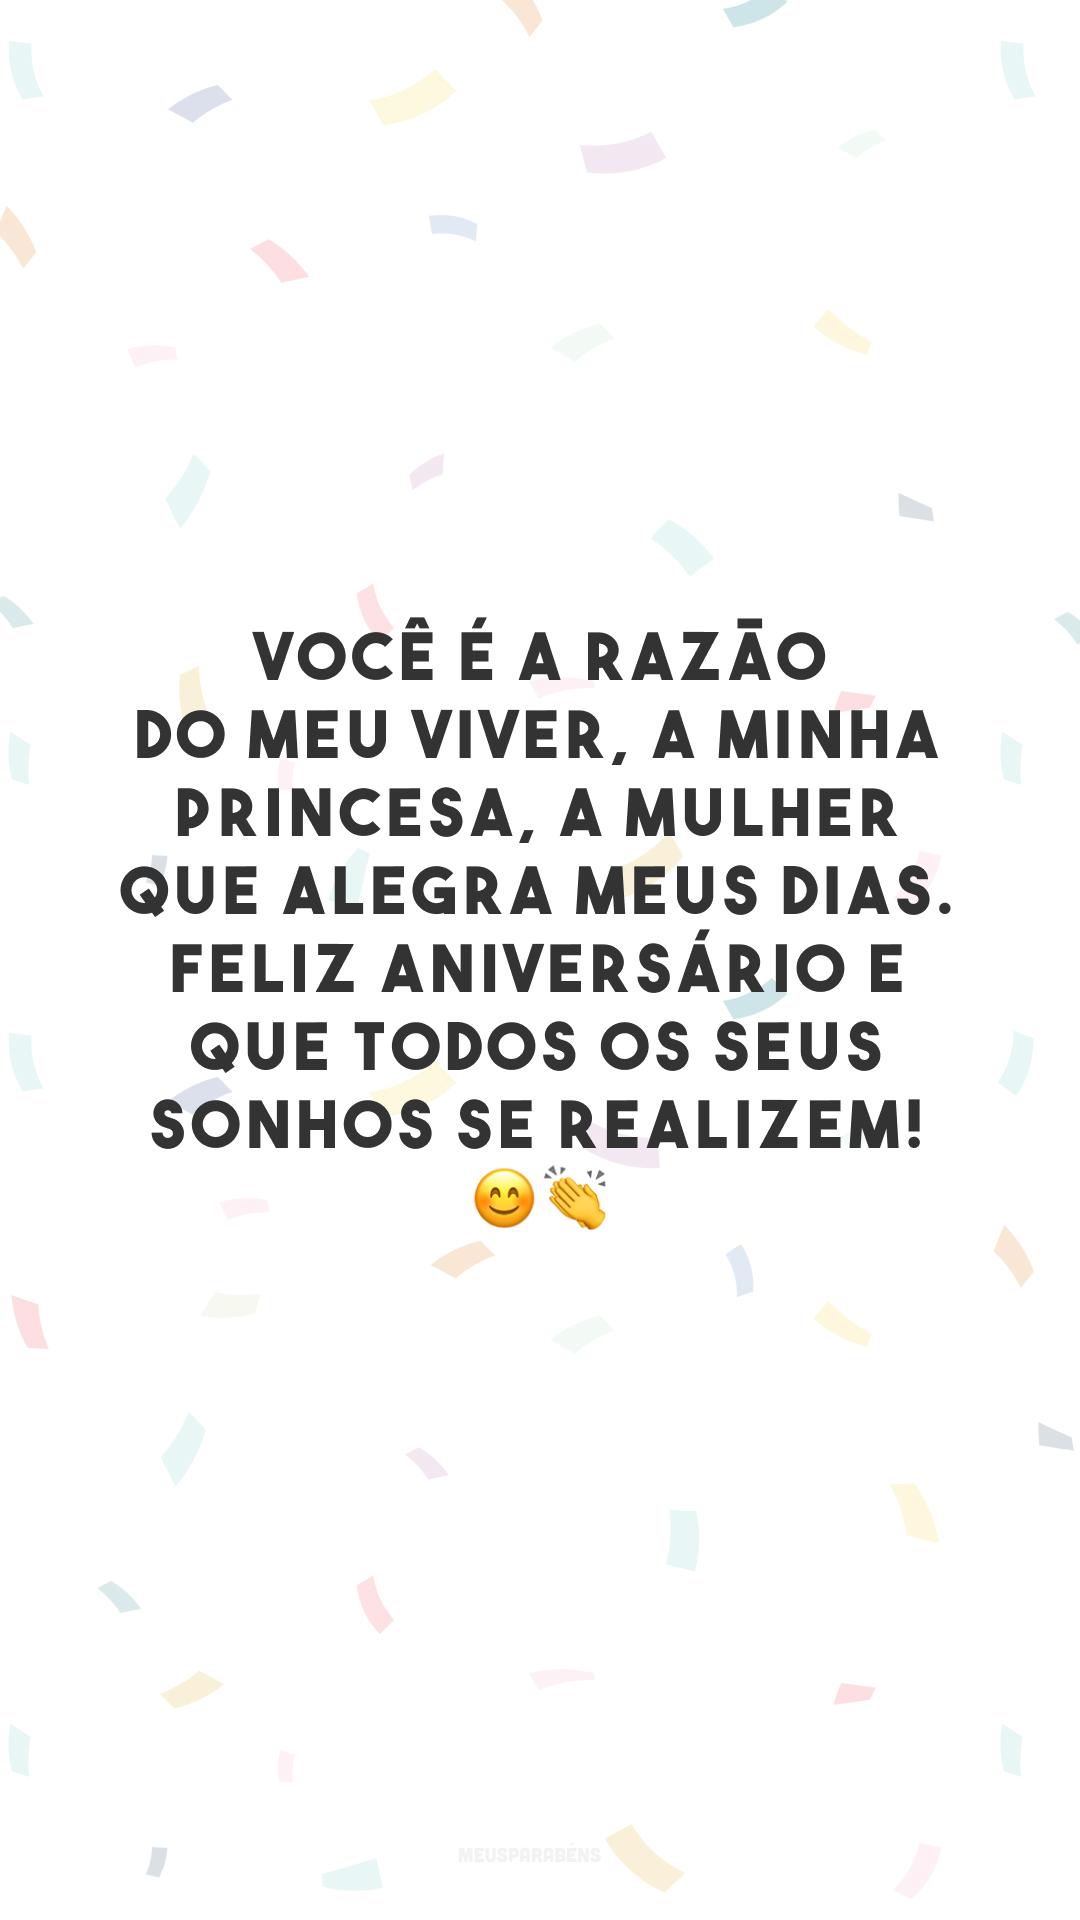 Você é a razão do meu viver, a minha princesa, a mulher que alegra meus dias. Feliz aniversário e que todos os seus sonhos se realizem! 😊👏